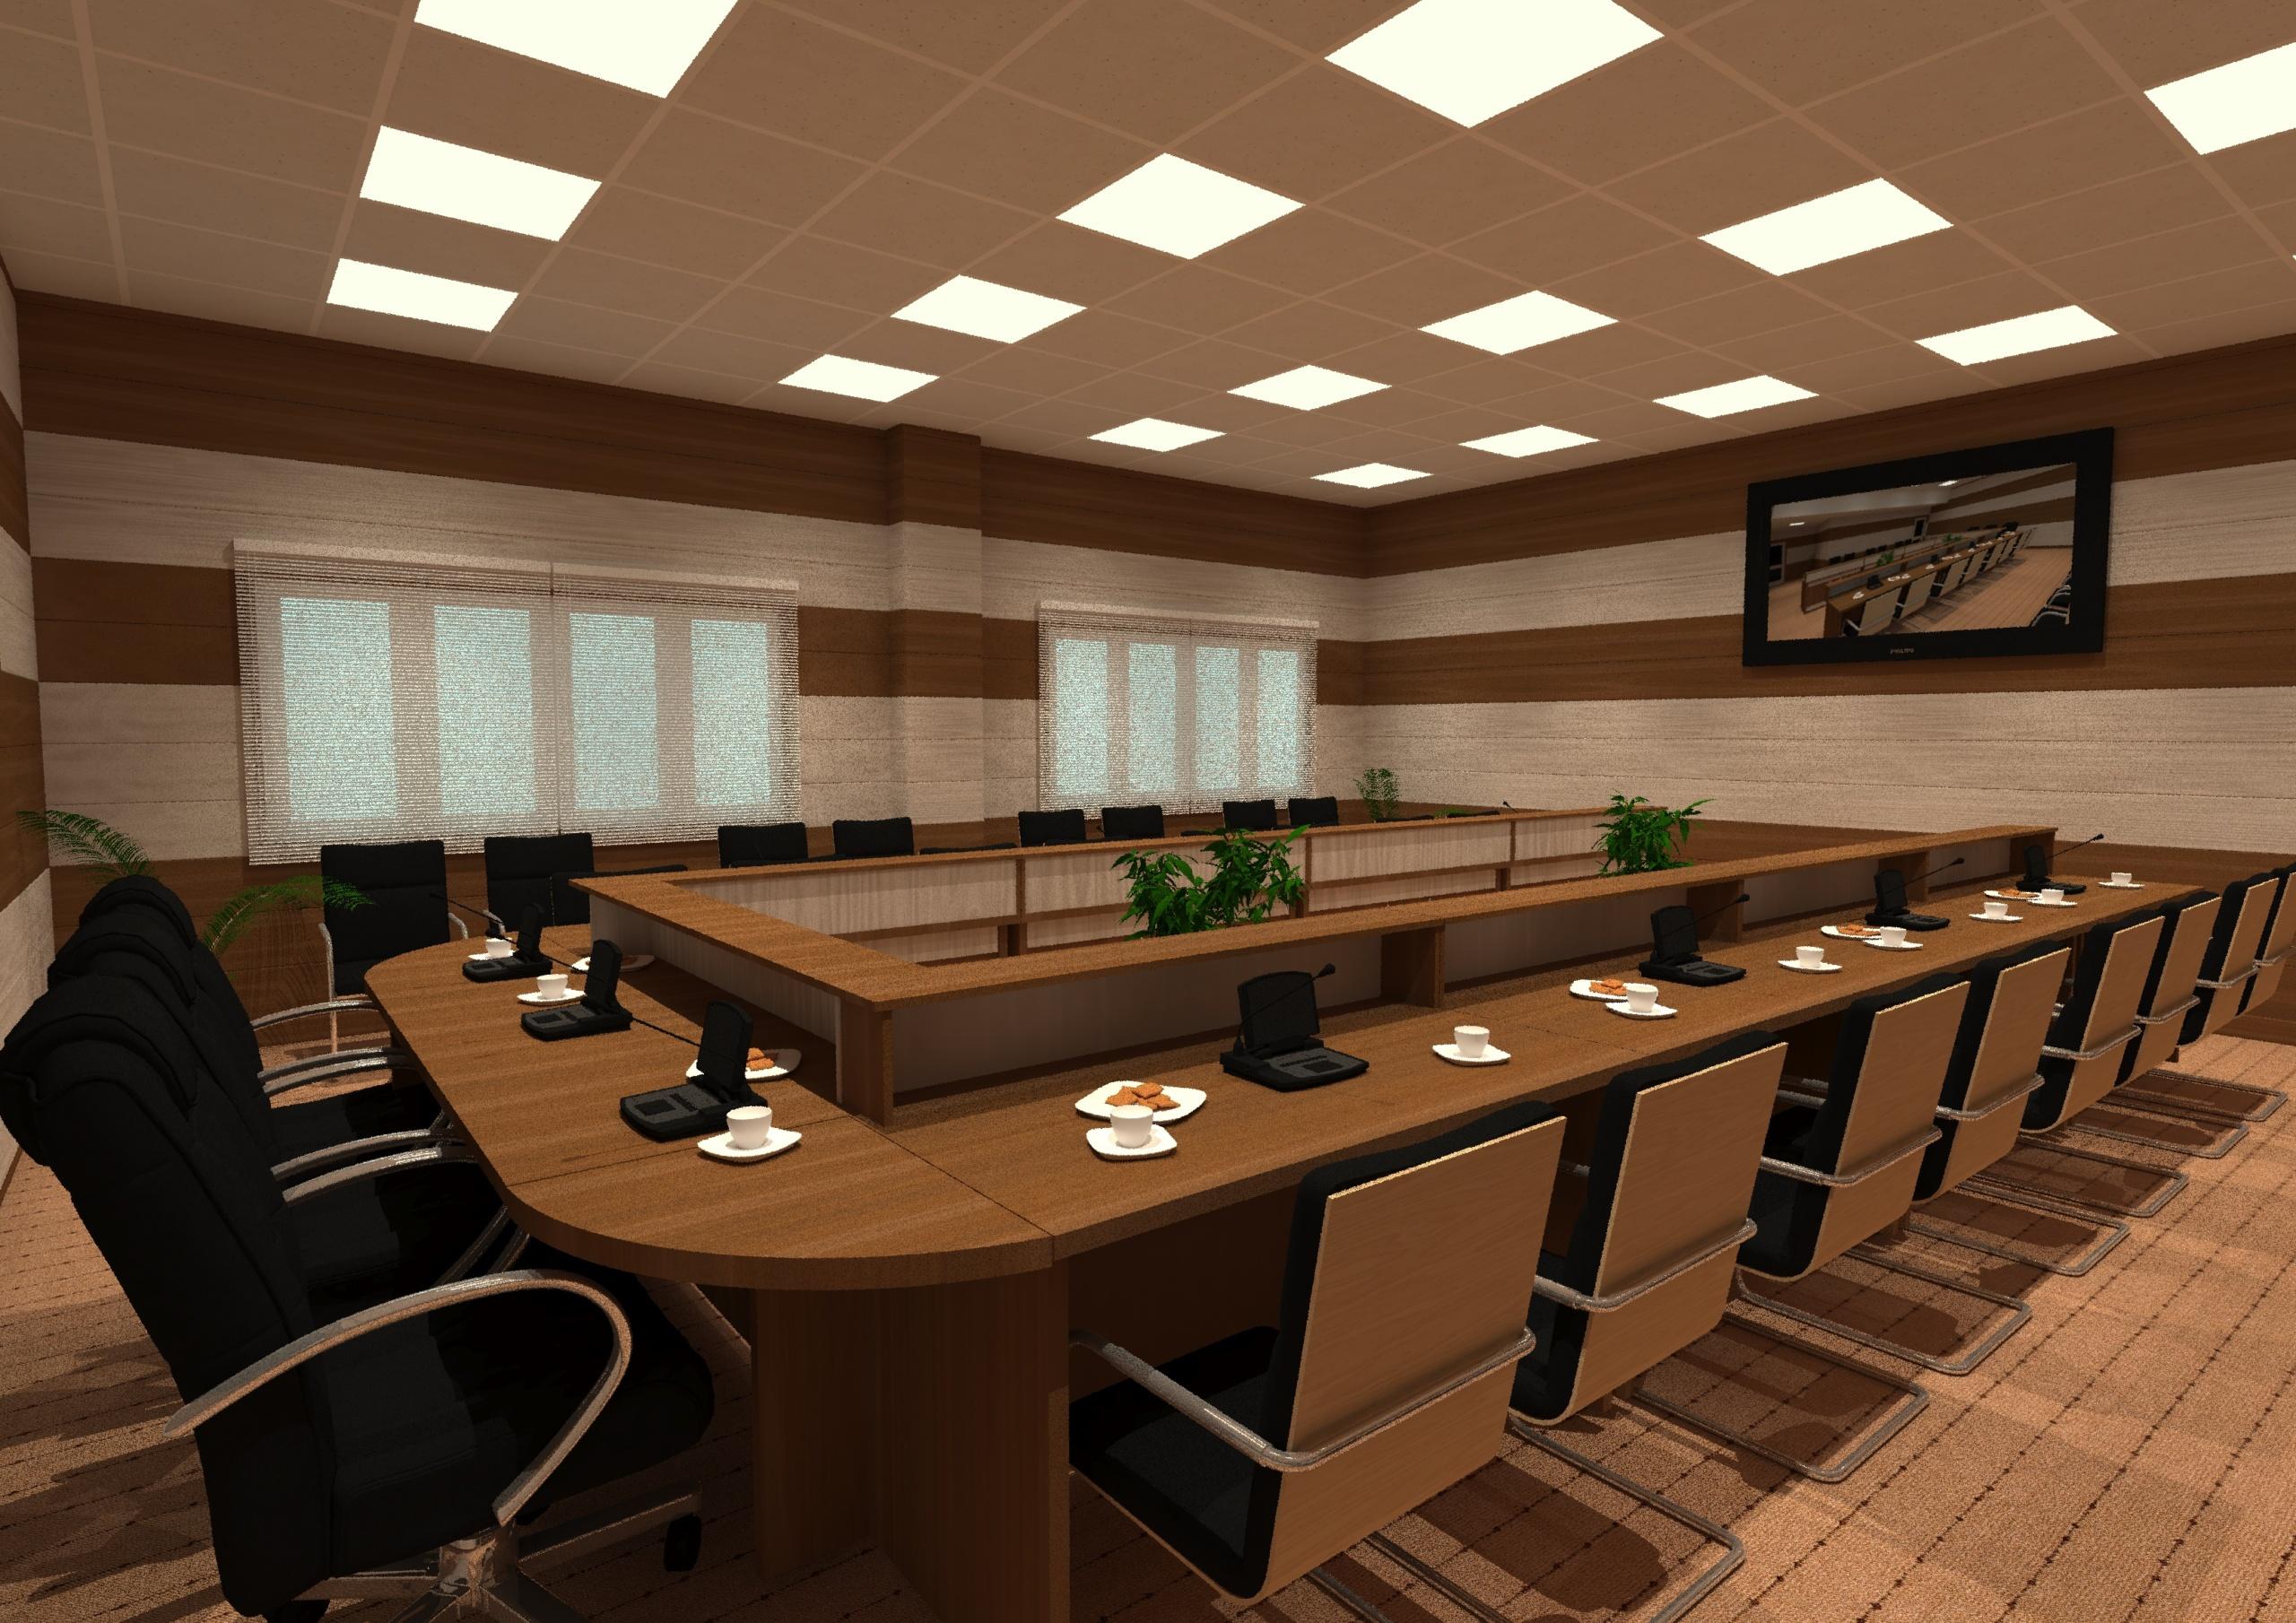 سالن کنفرانس دانشگاه بوئین زهرا 08